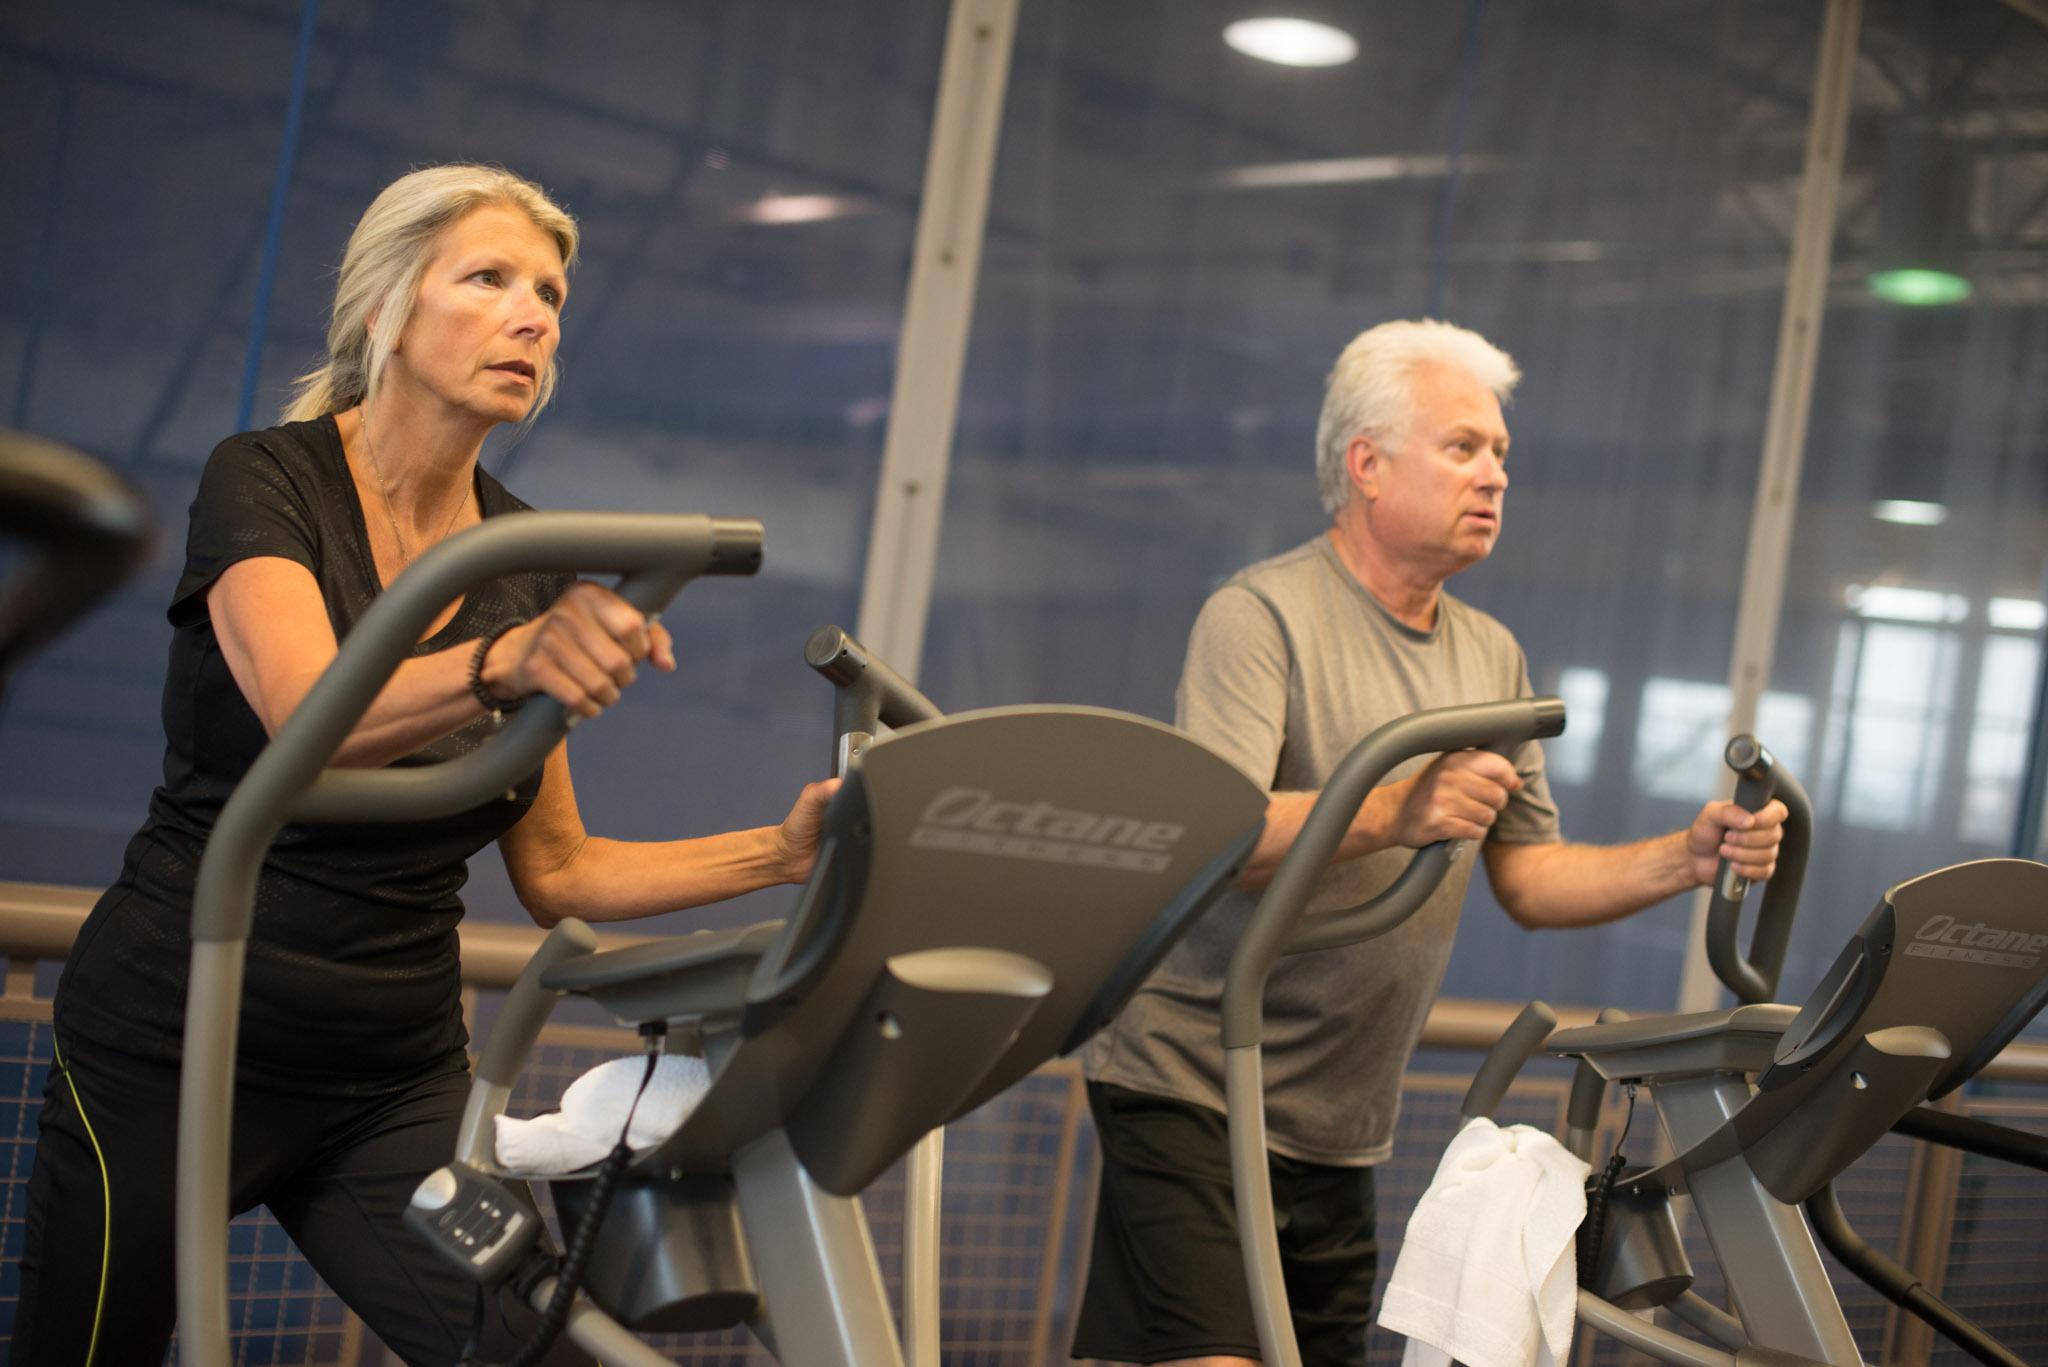 Wellness Center Stock Photos-1308.jpg